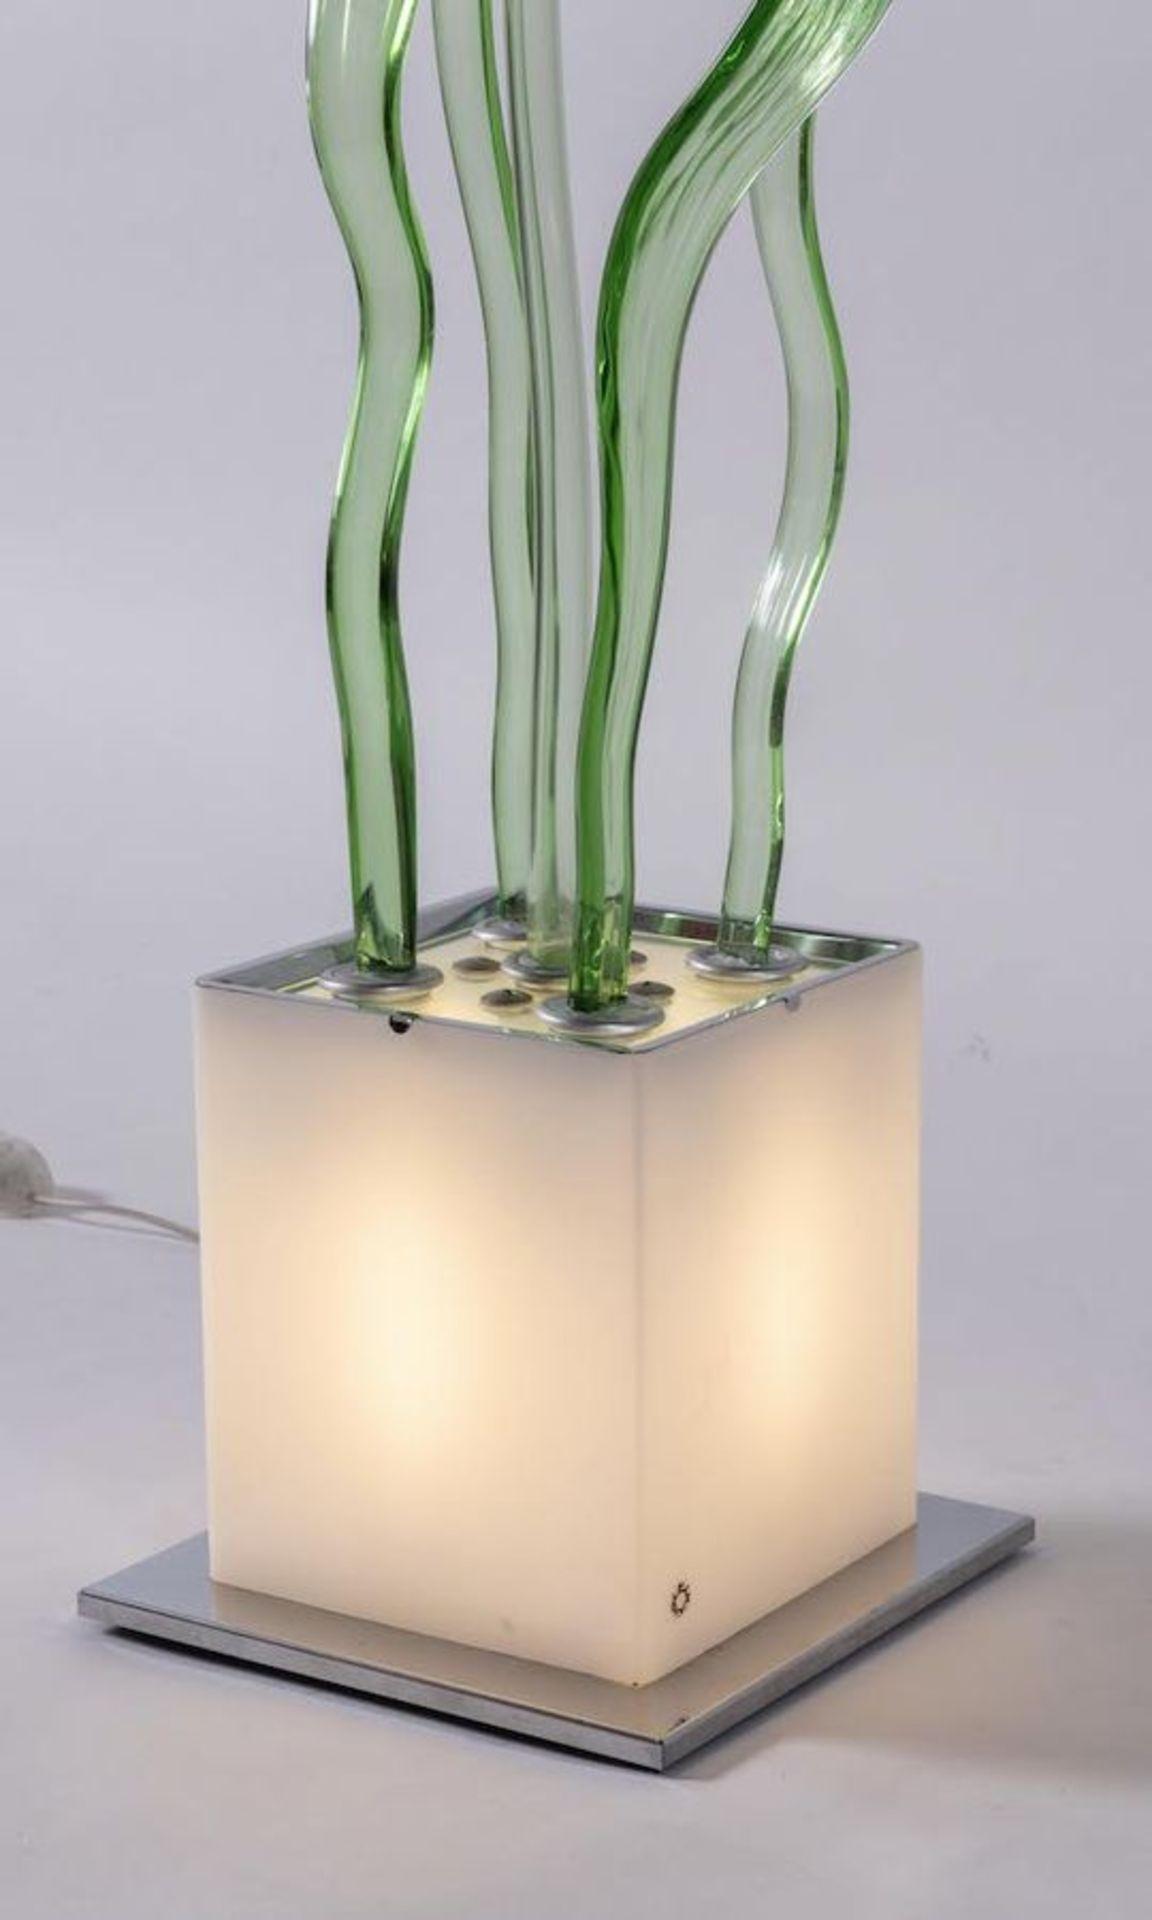 DANILO DE ROSSI Lampada da terra in vetro soffiato con foglie e germoglio in vetro modellato e soffi - Image 3 of 6